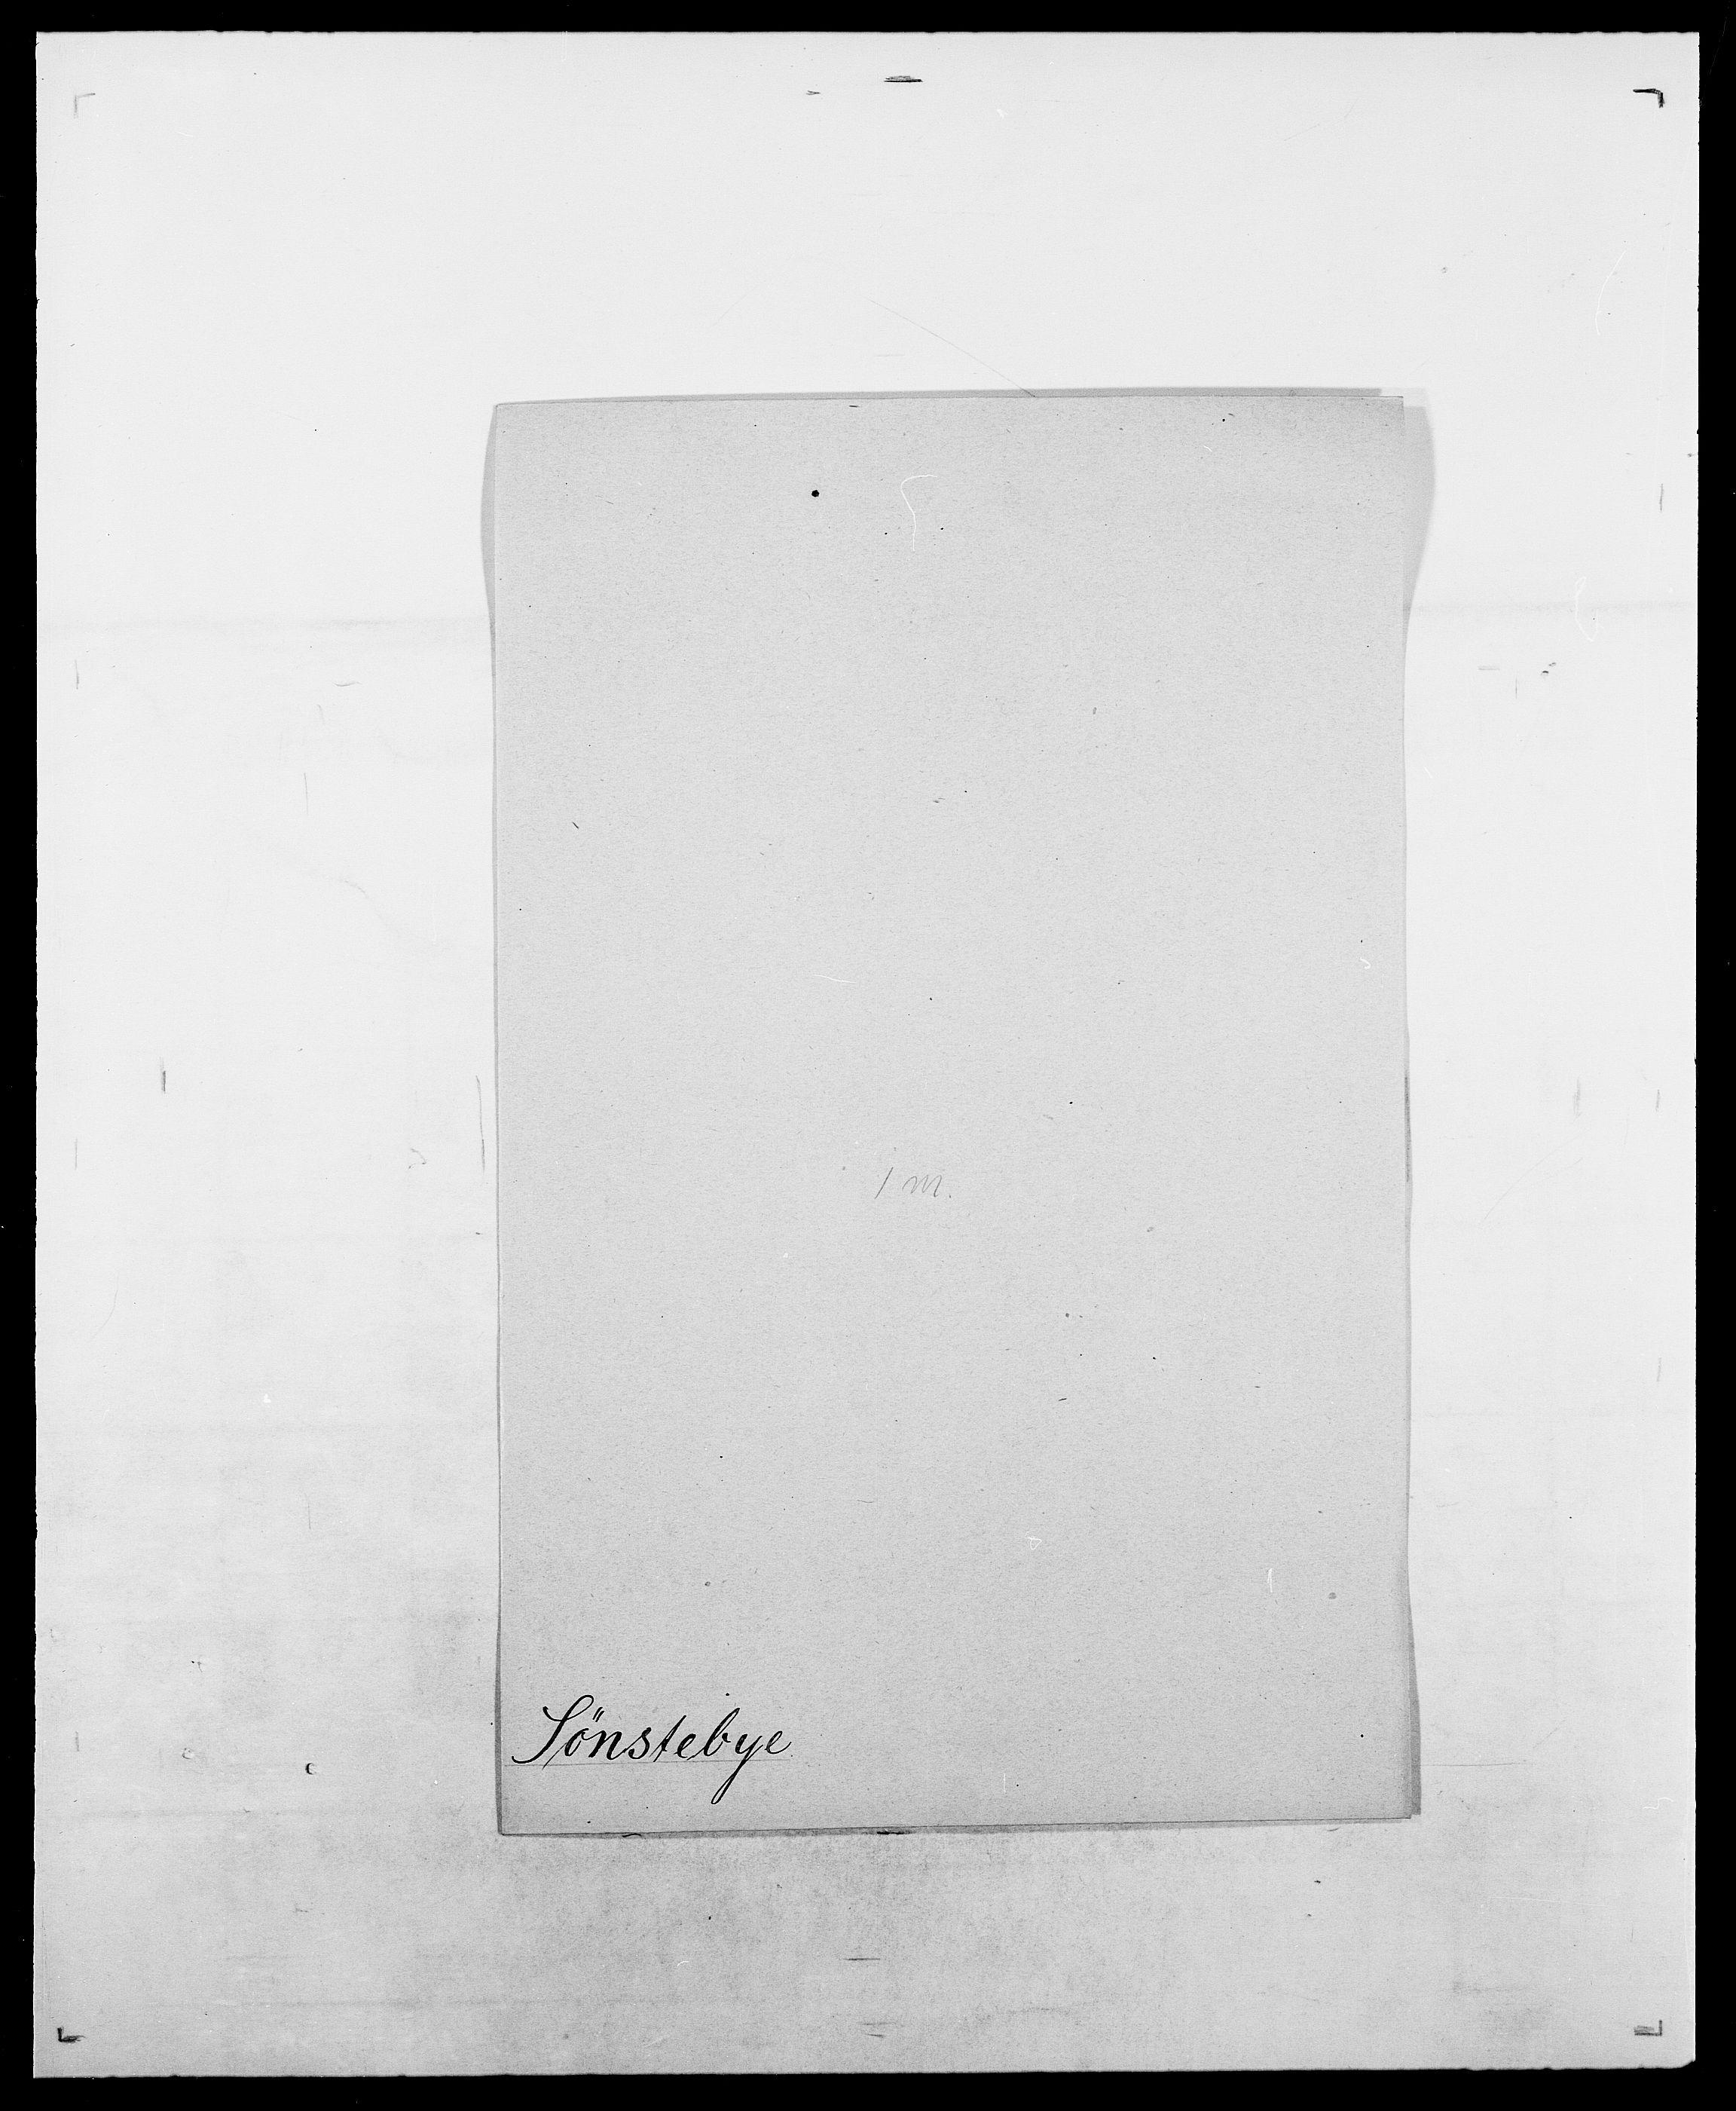 SAO, Delgobe, Charles Antoine - samling, D/Da/L0038: Svanenskjold - Thornsohn, s. 204